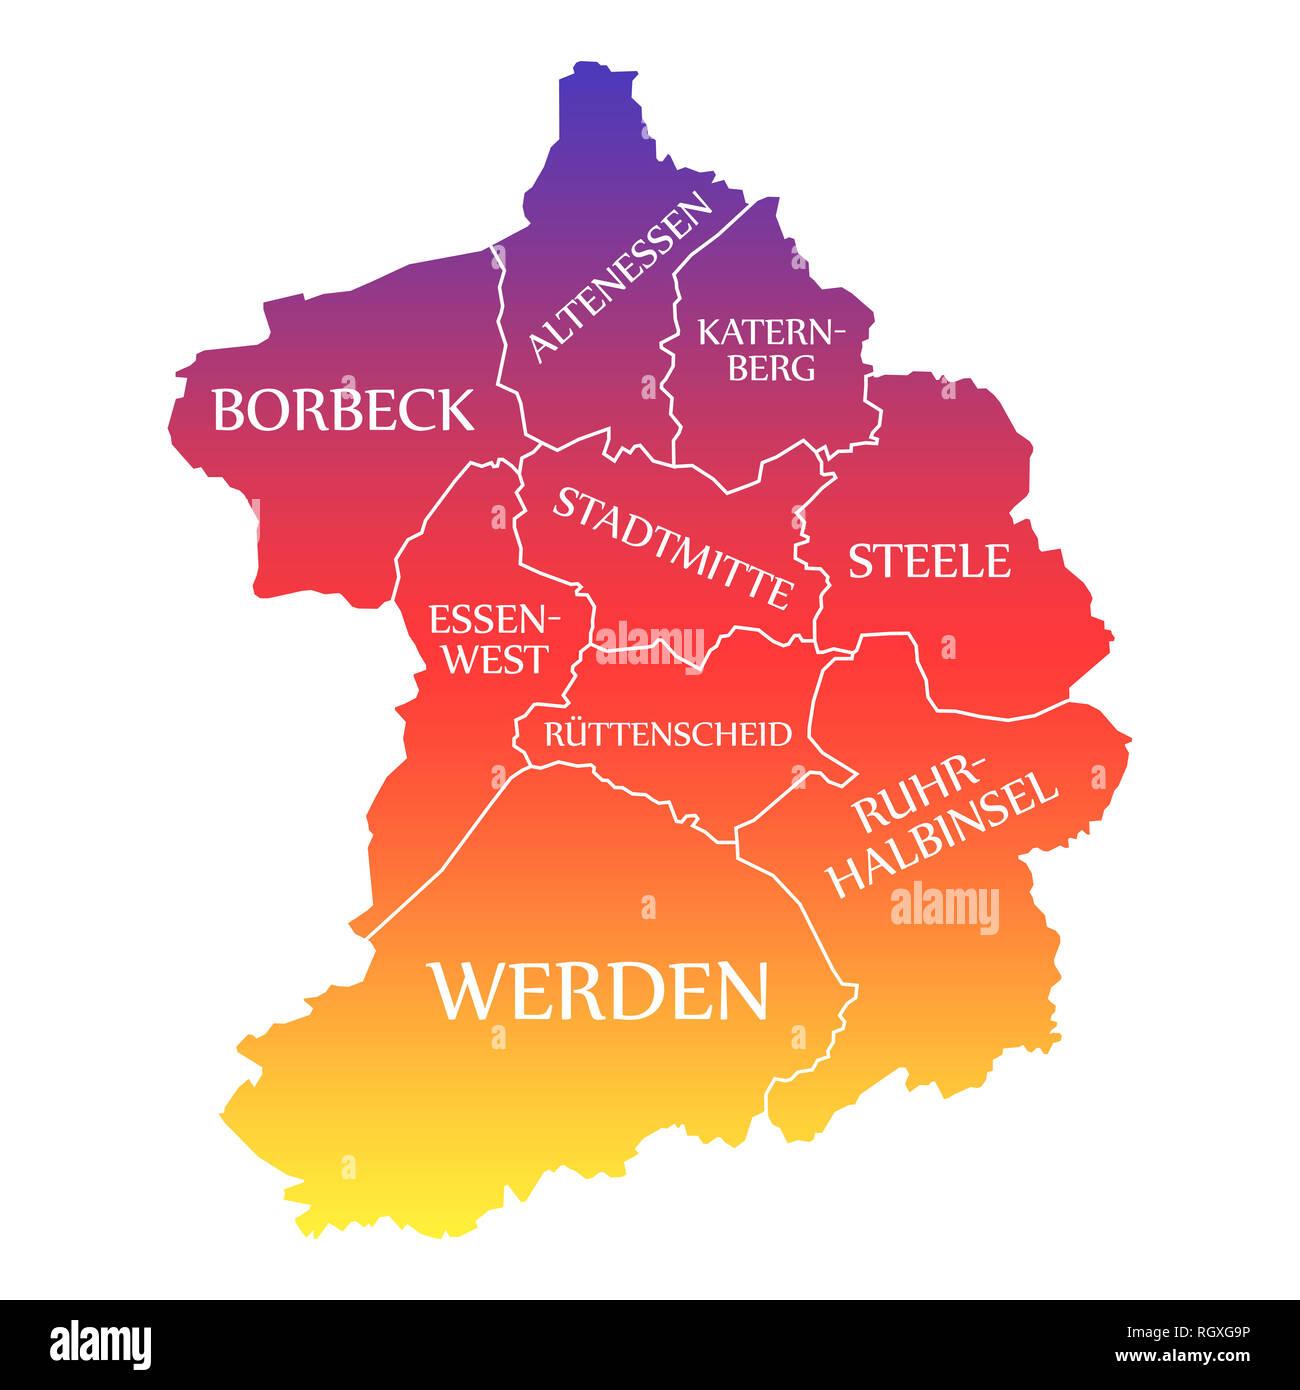 essen karte deutschland Essen City Karte Deutschland DE beschriftet Rainbow farbige